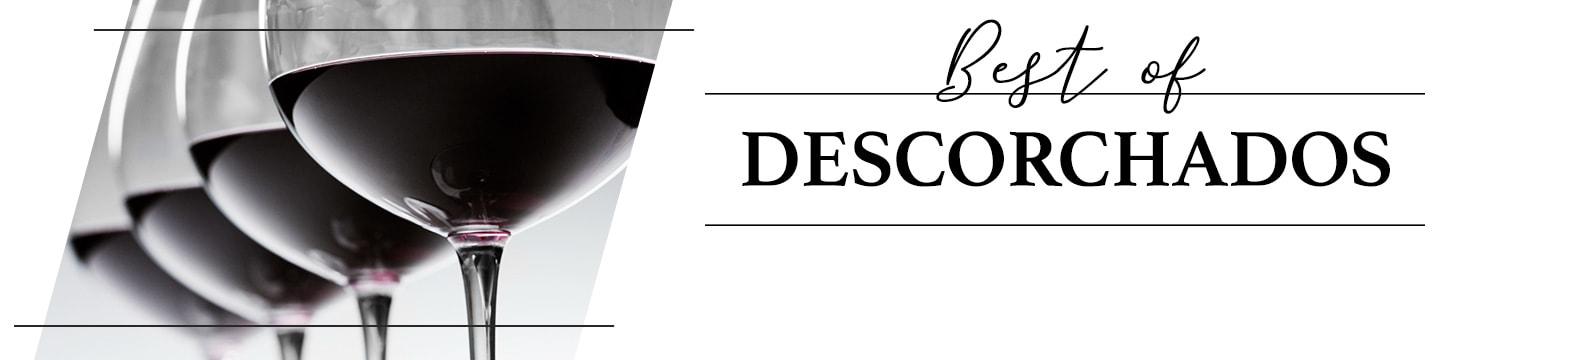 Best of Descorchados